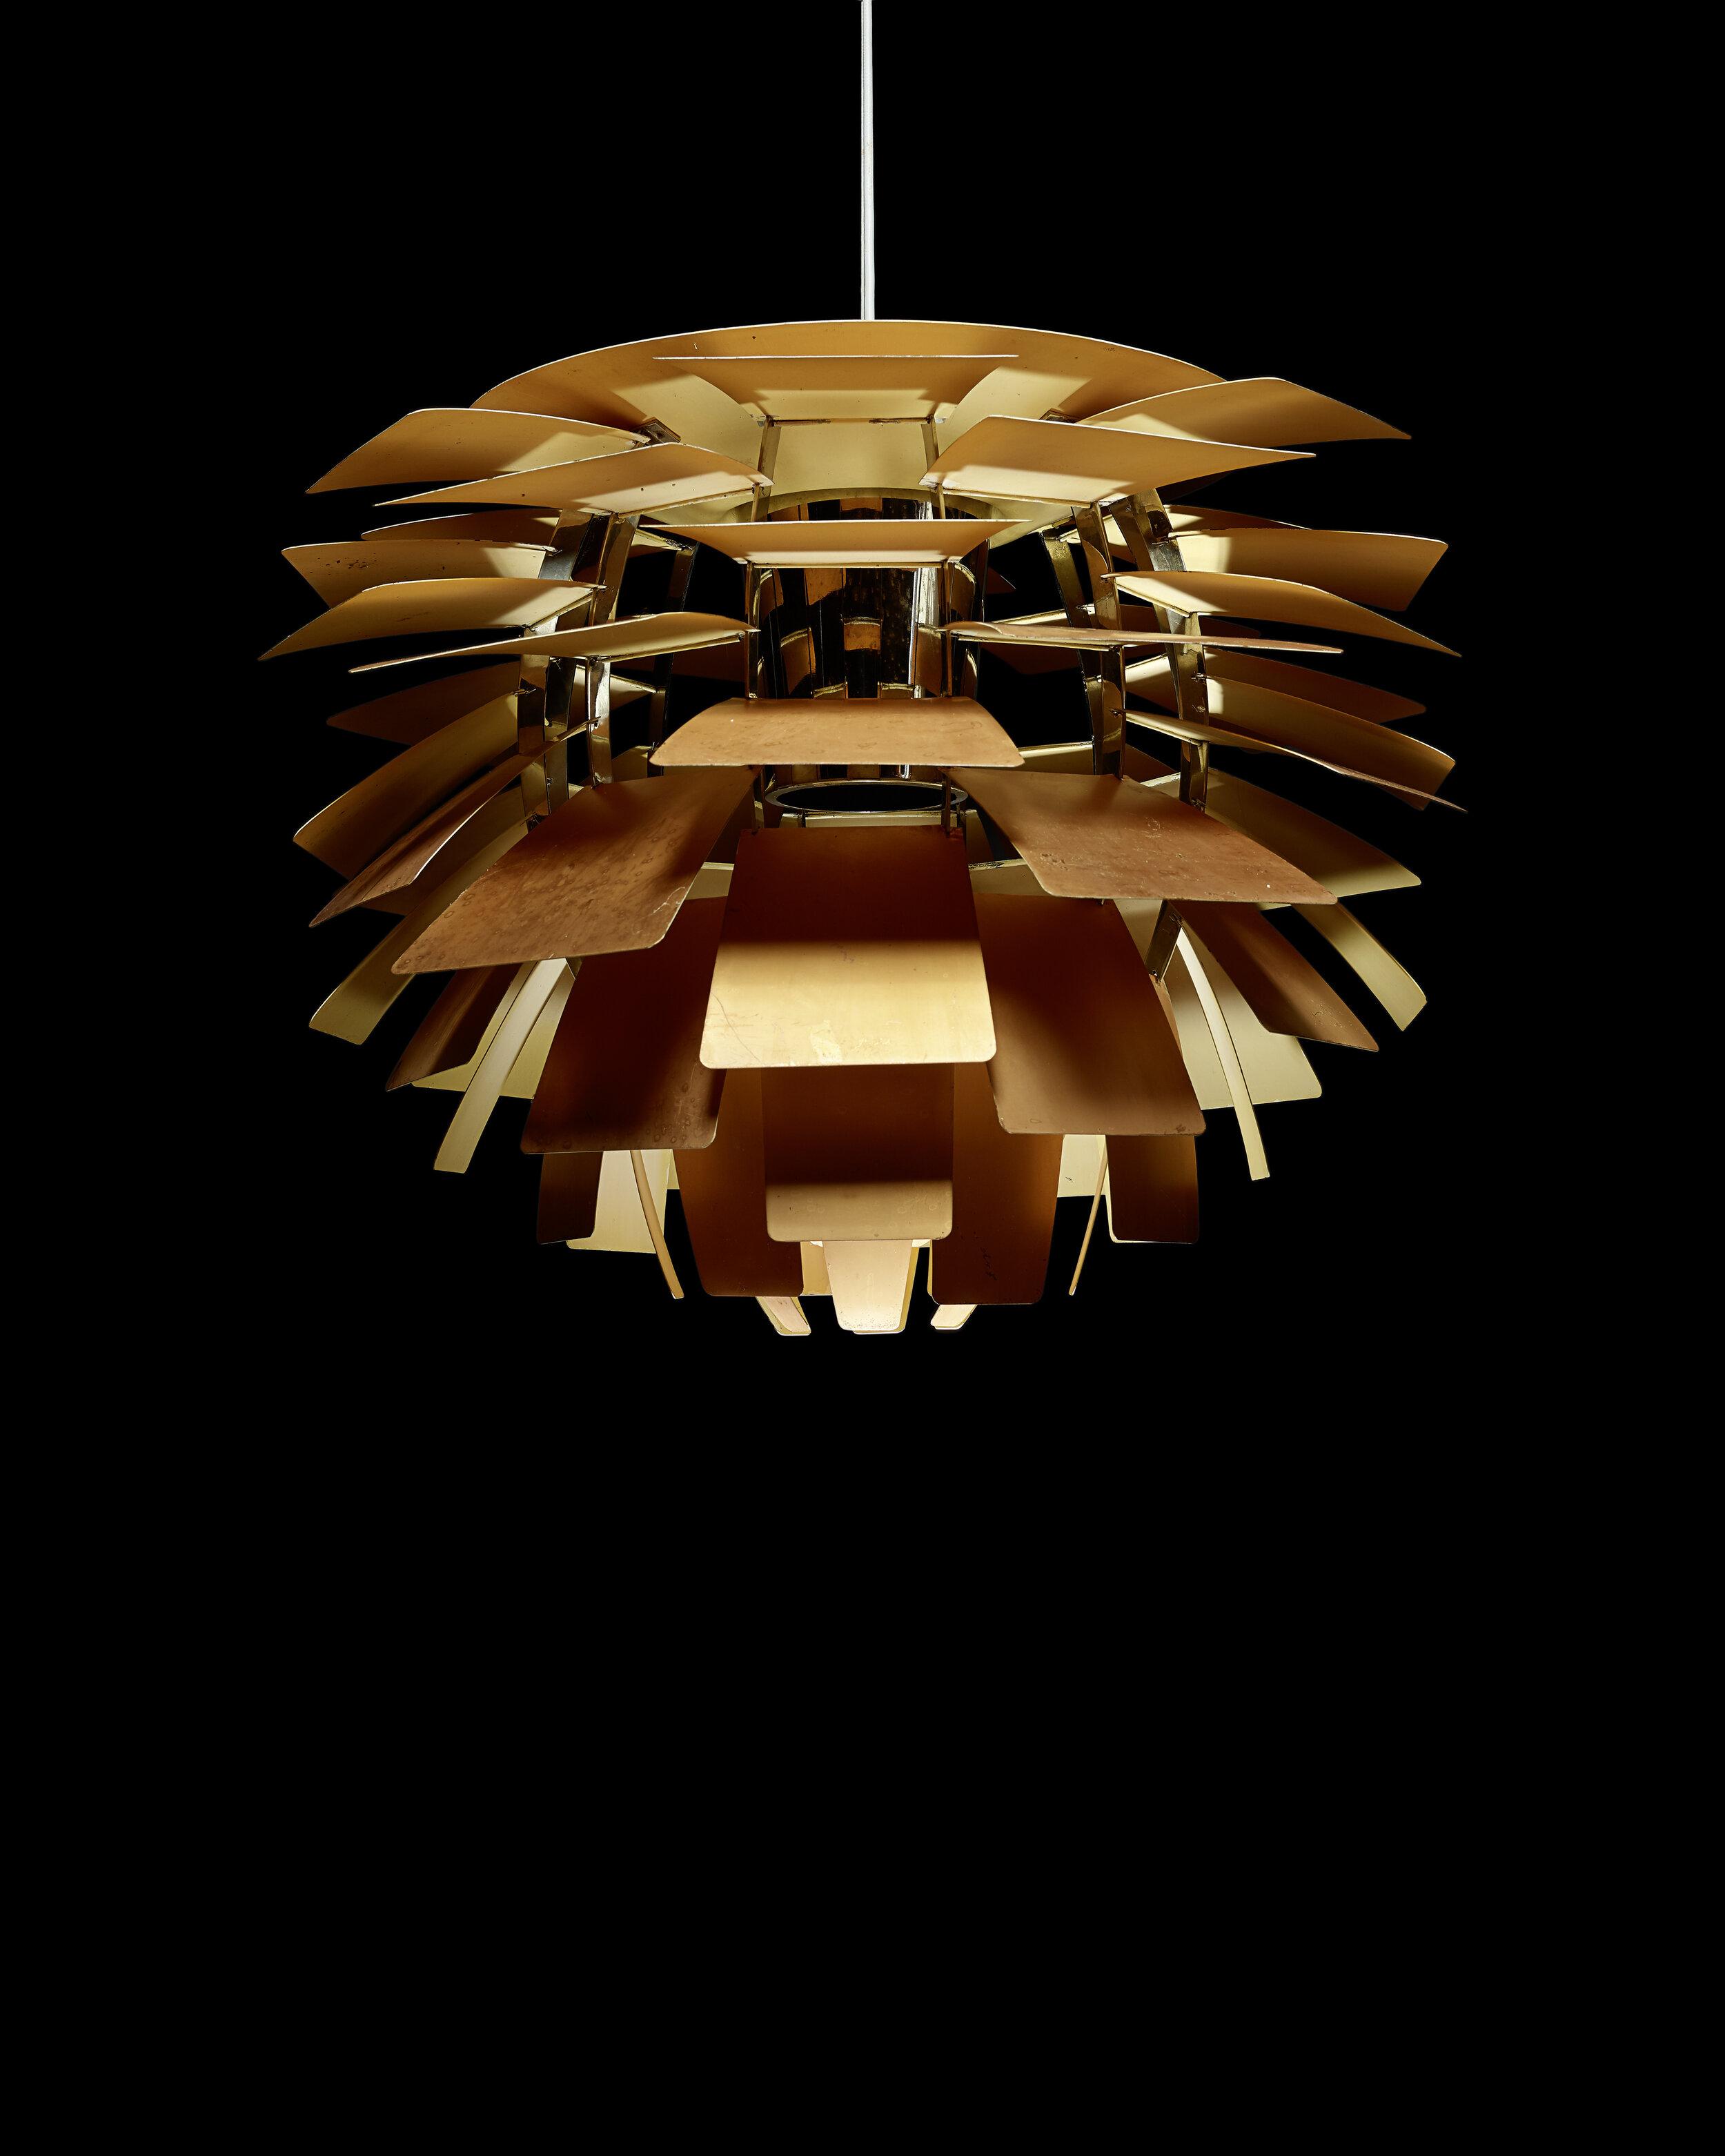 HENNINGSEN artichoke lamp.jpg